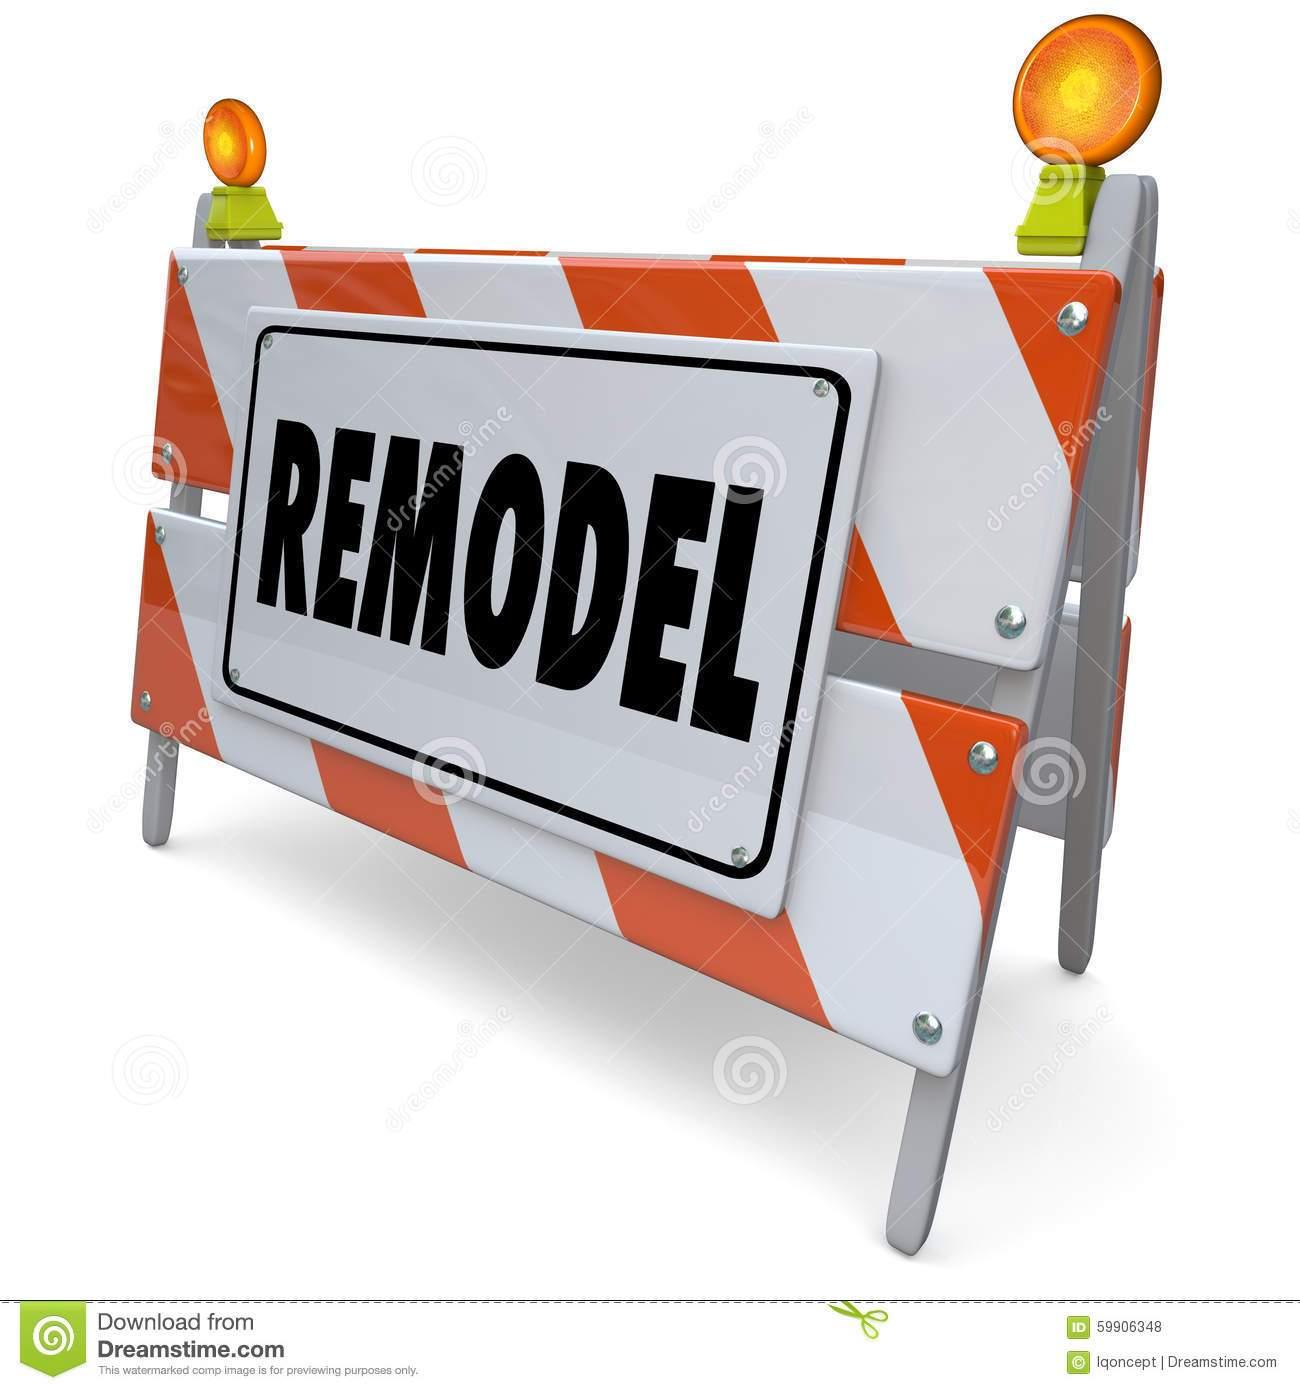 Remodel clipart 8 » Clipart Portal.